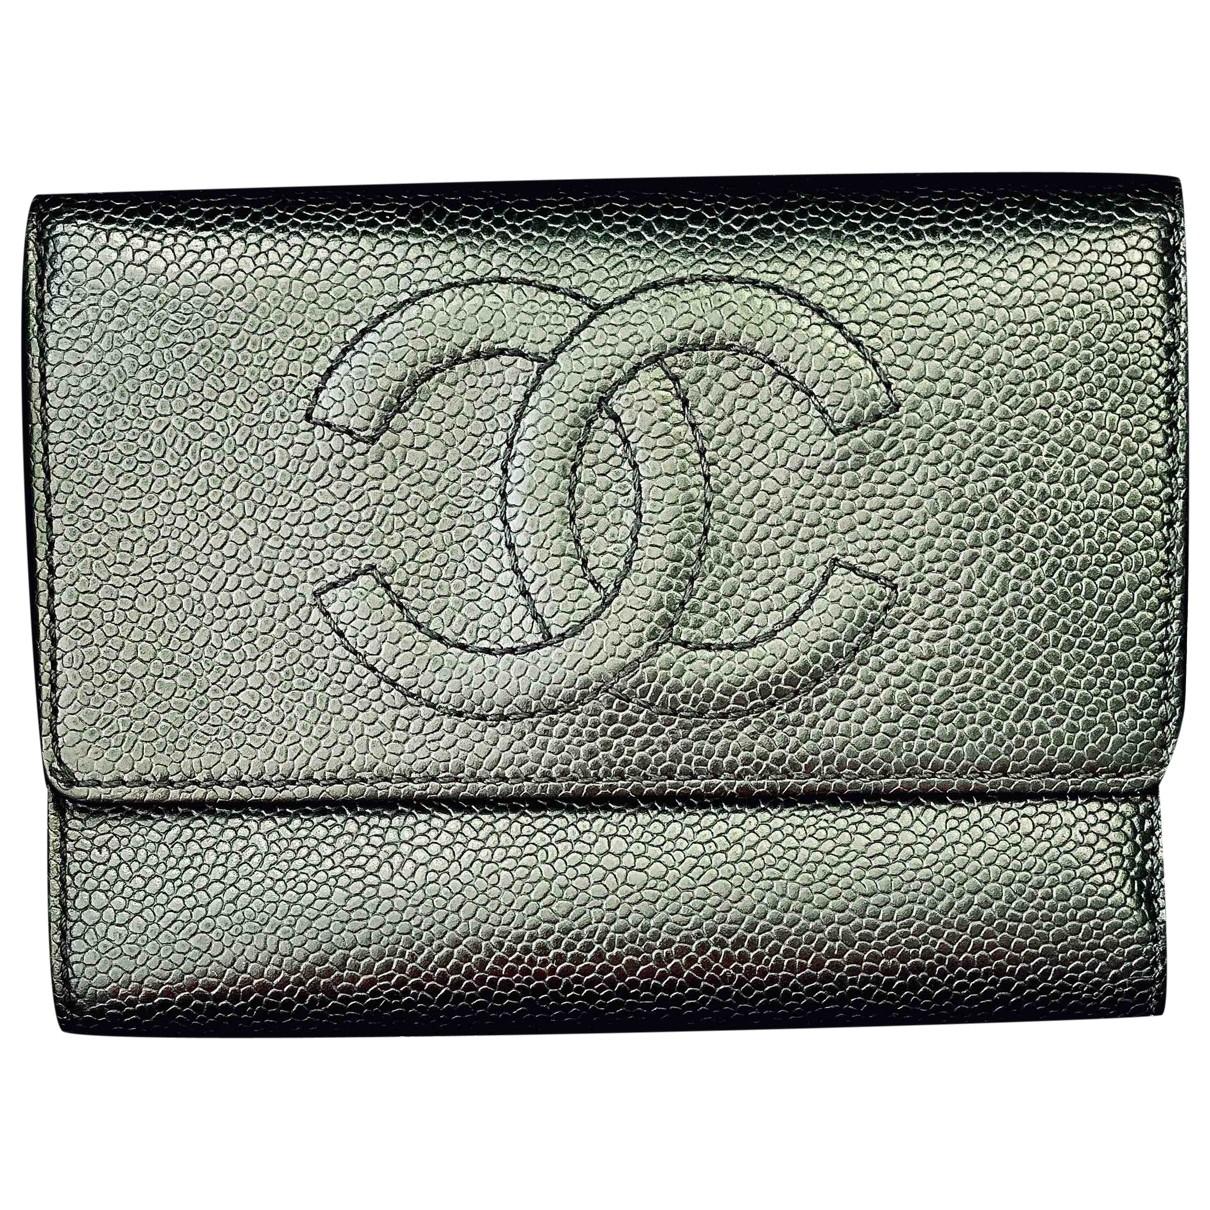 Cartera de Cuero Chanel